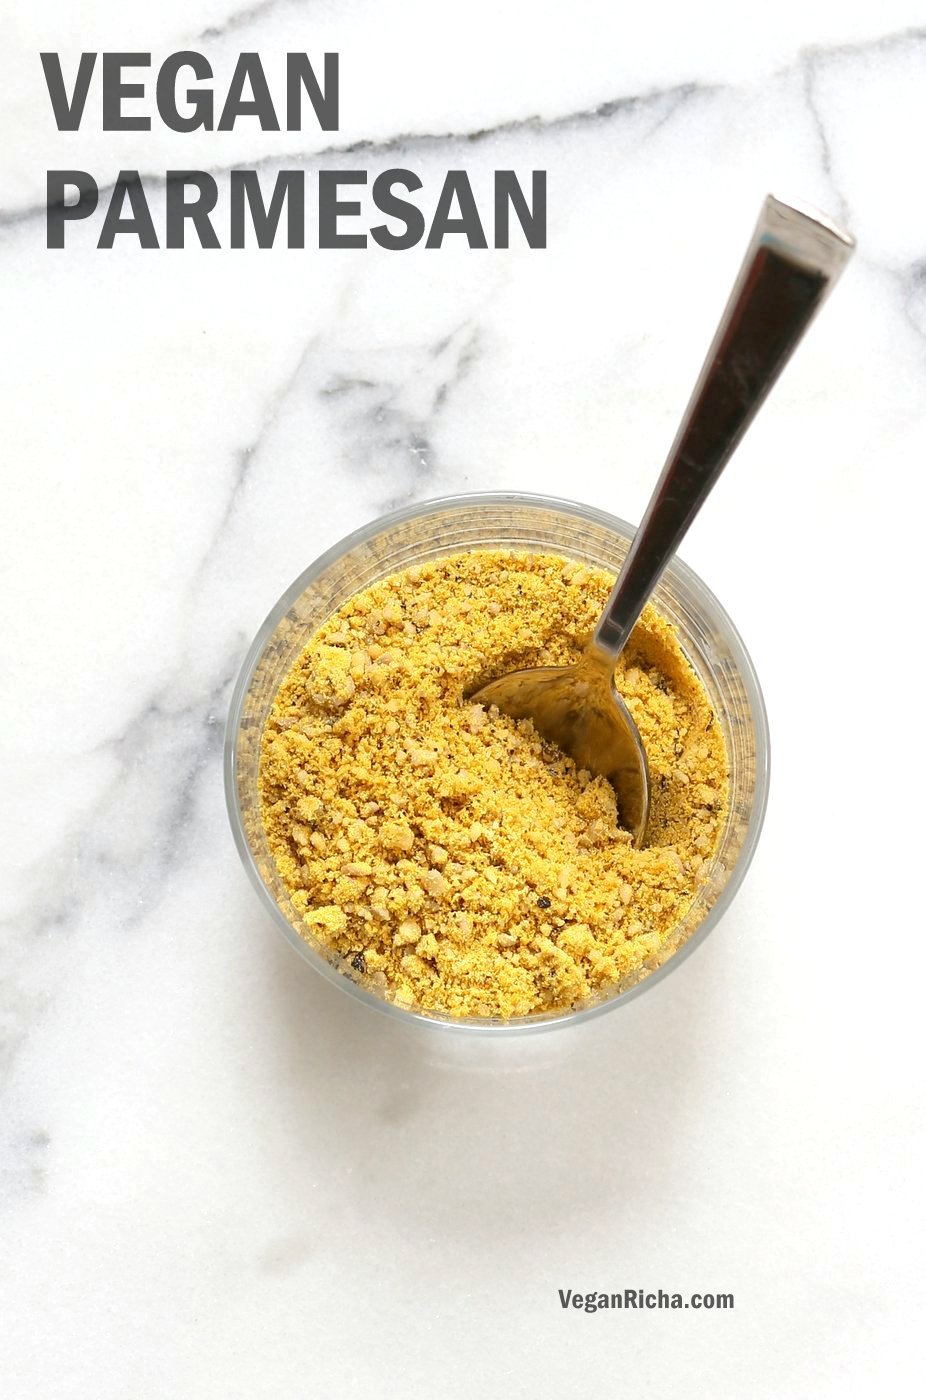 How to make Vegan Parmesan Cheese. Use Cashews, Pecans or Pepitas to make Dairy-free Parmesan cheese. Nut-free Vegan Parmesan Recipe. | VeganRicha.com